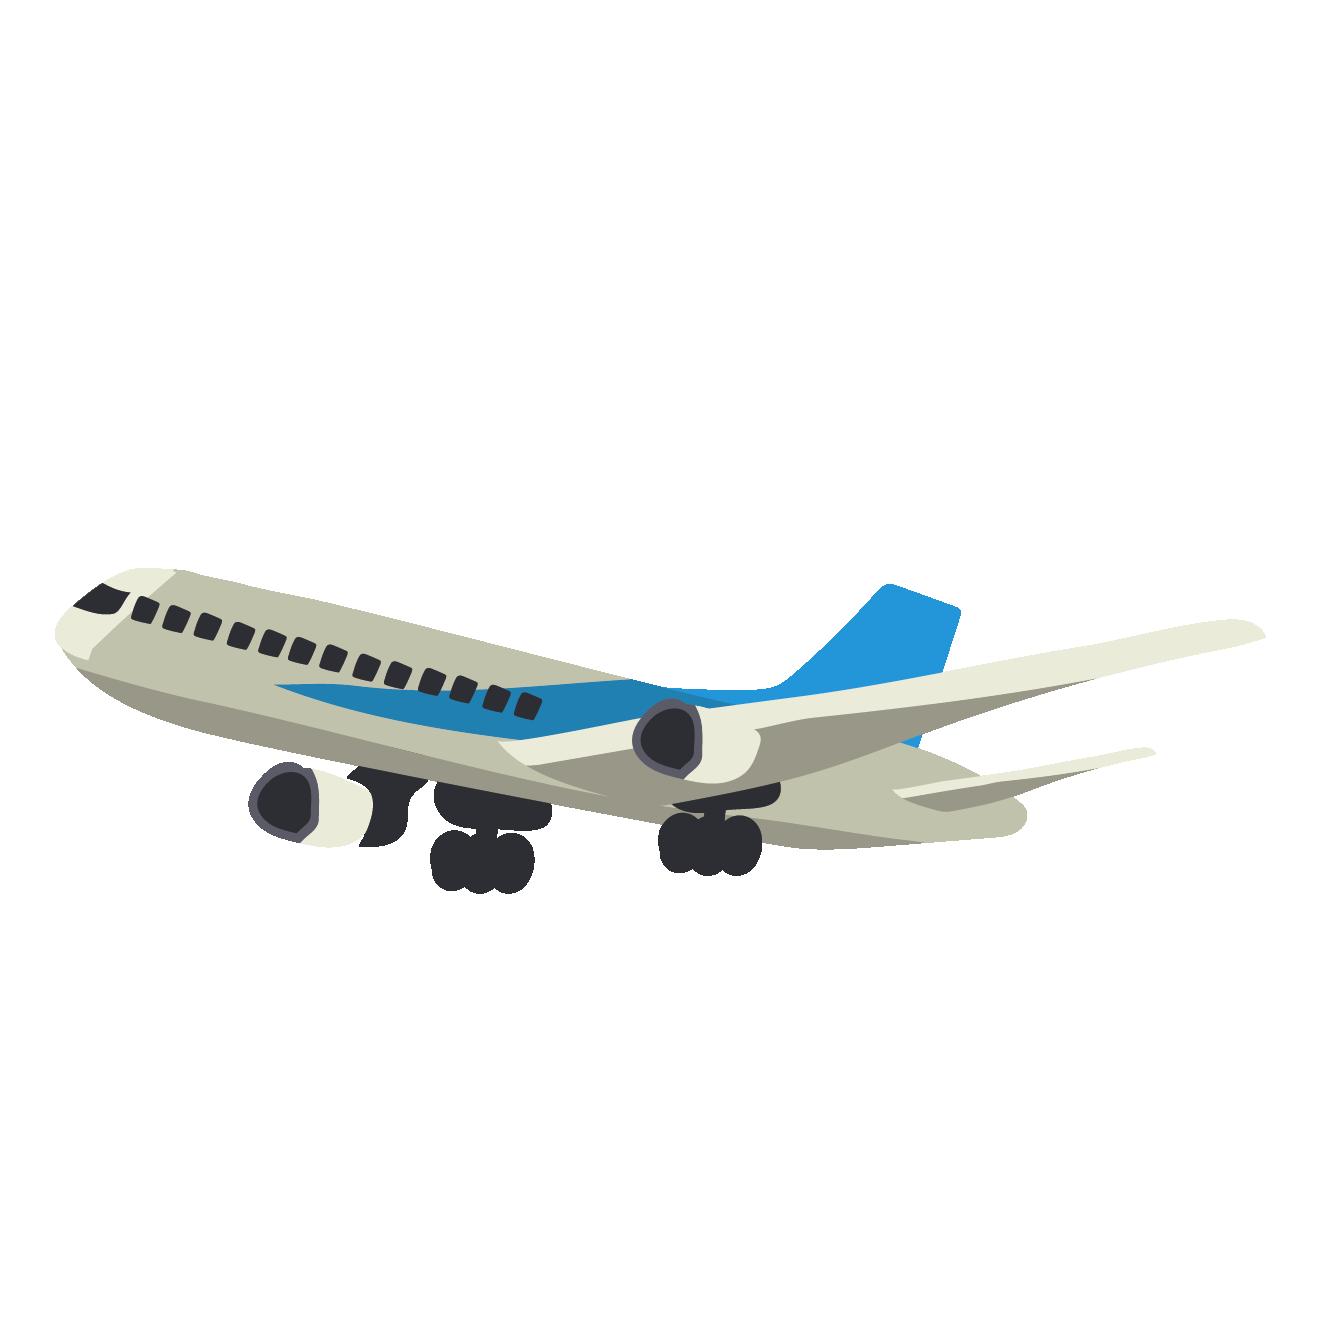 空飛ぶ飛行機のイラスト 商用フリー無料のイラスト素材なら